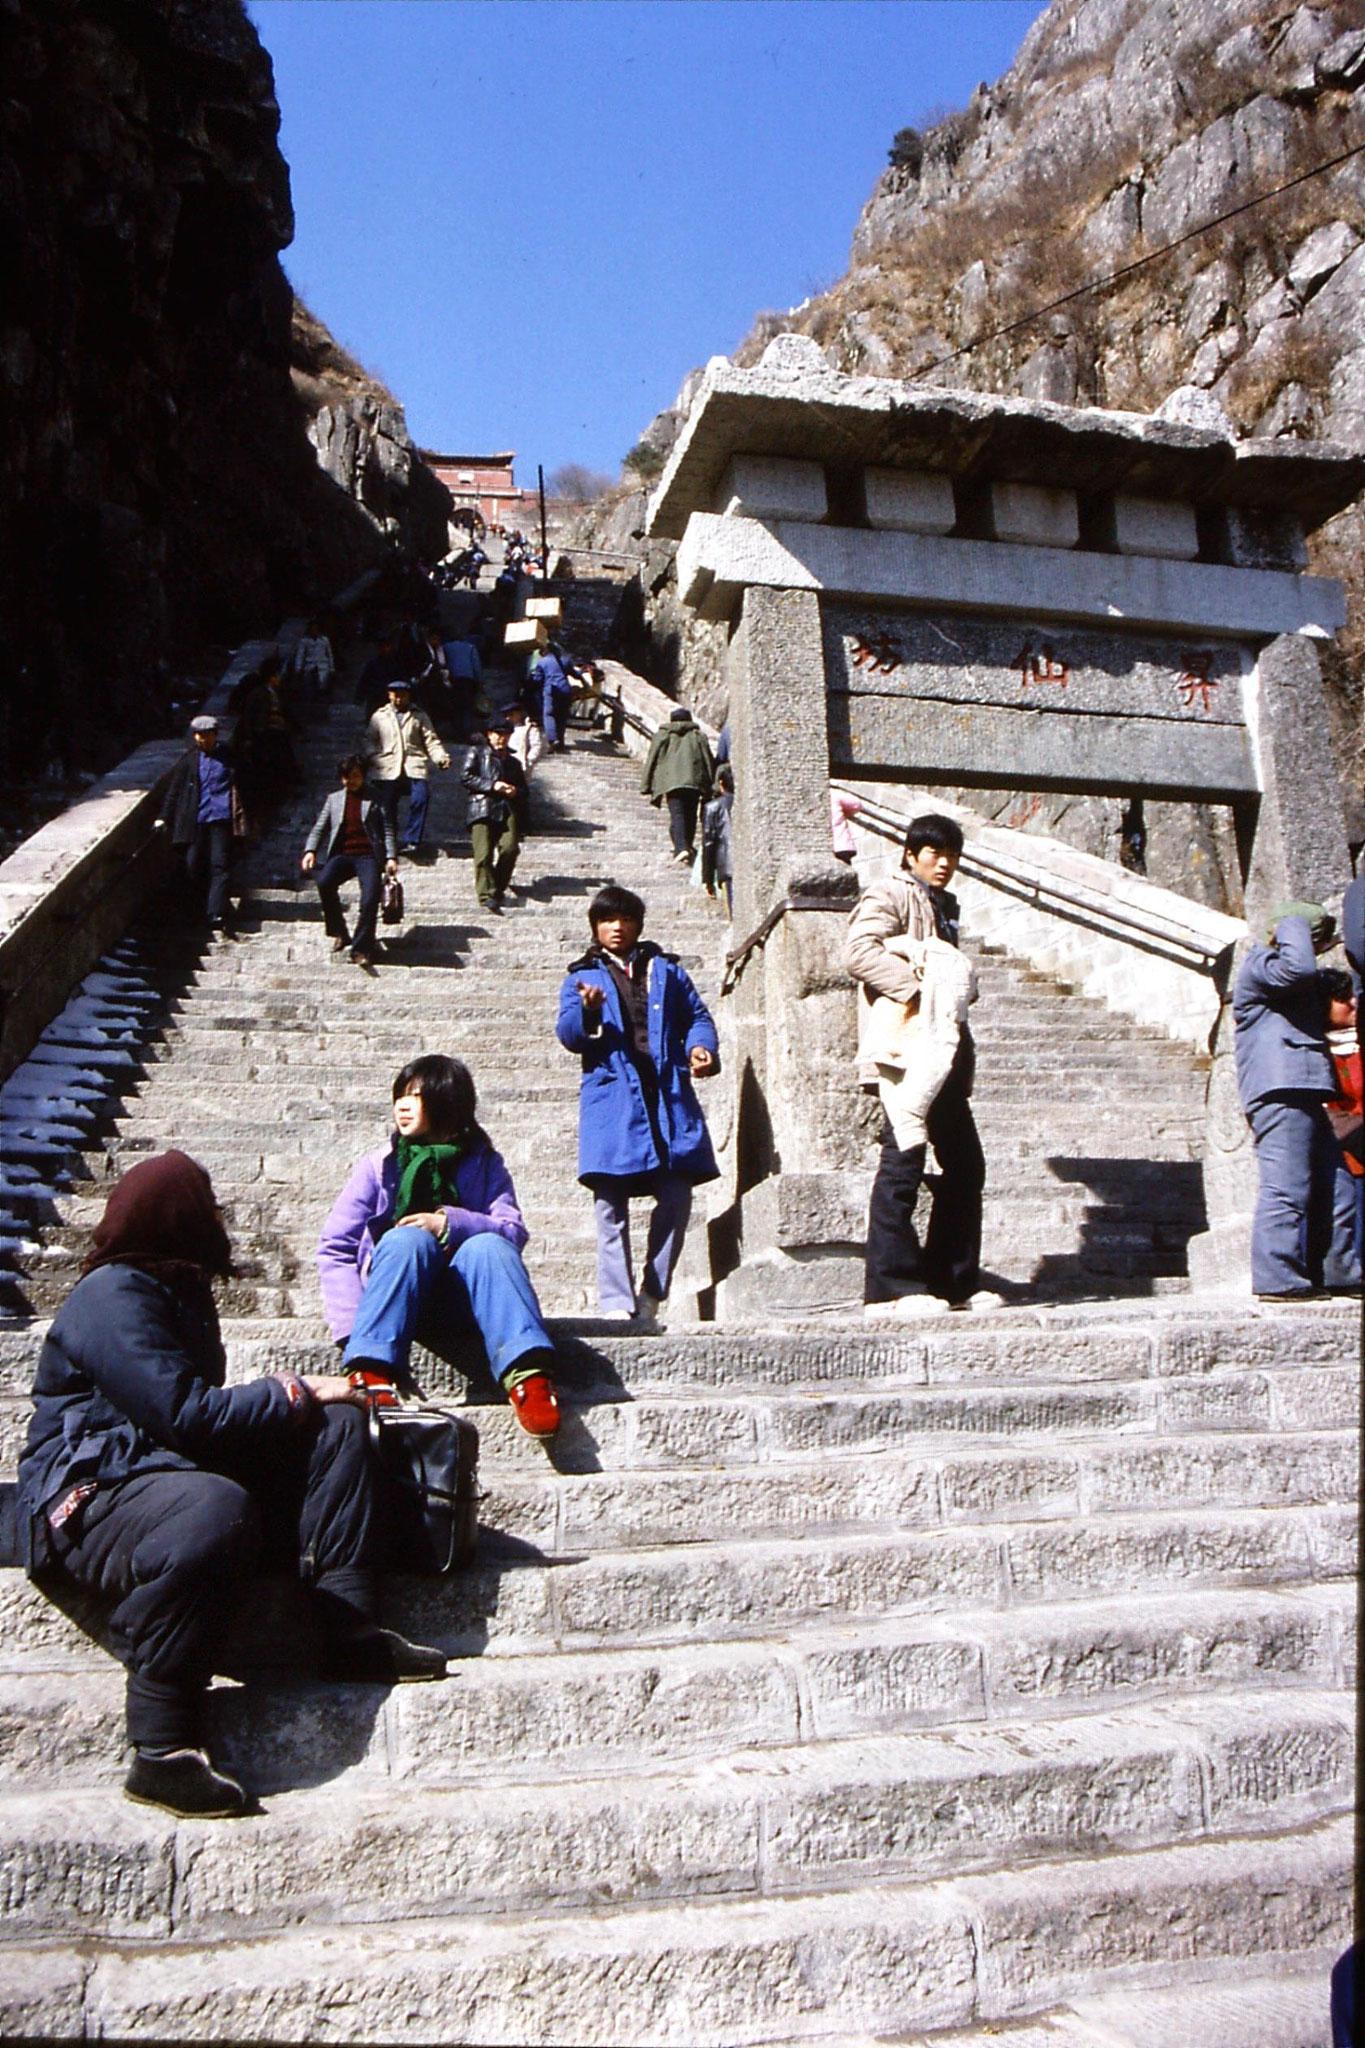 18/2/1989: 17: Taishan